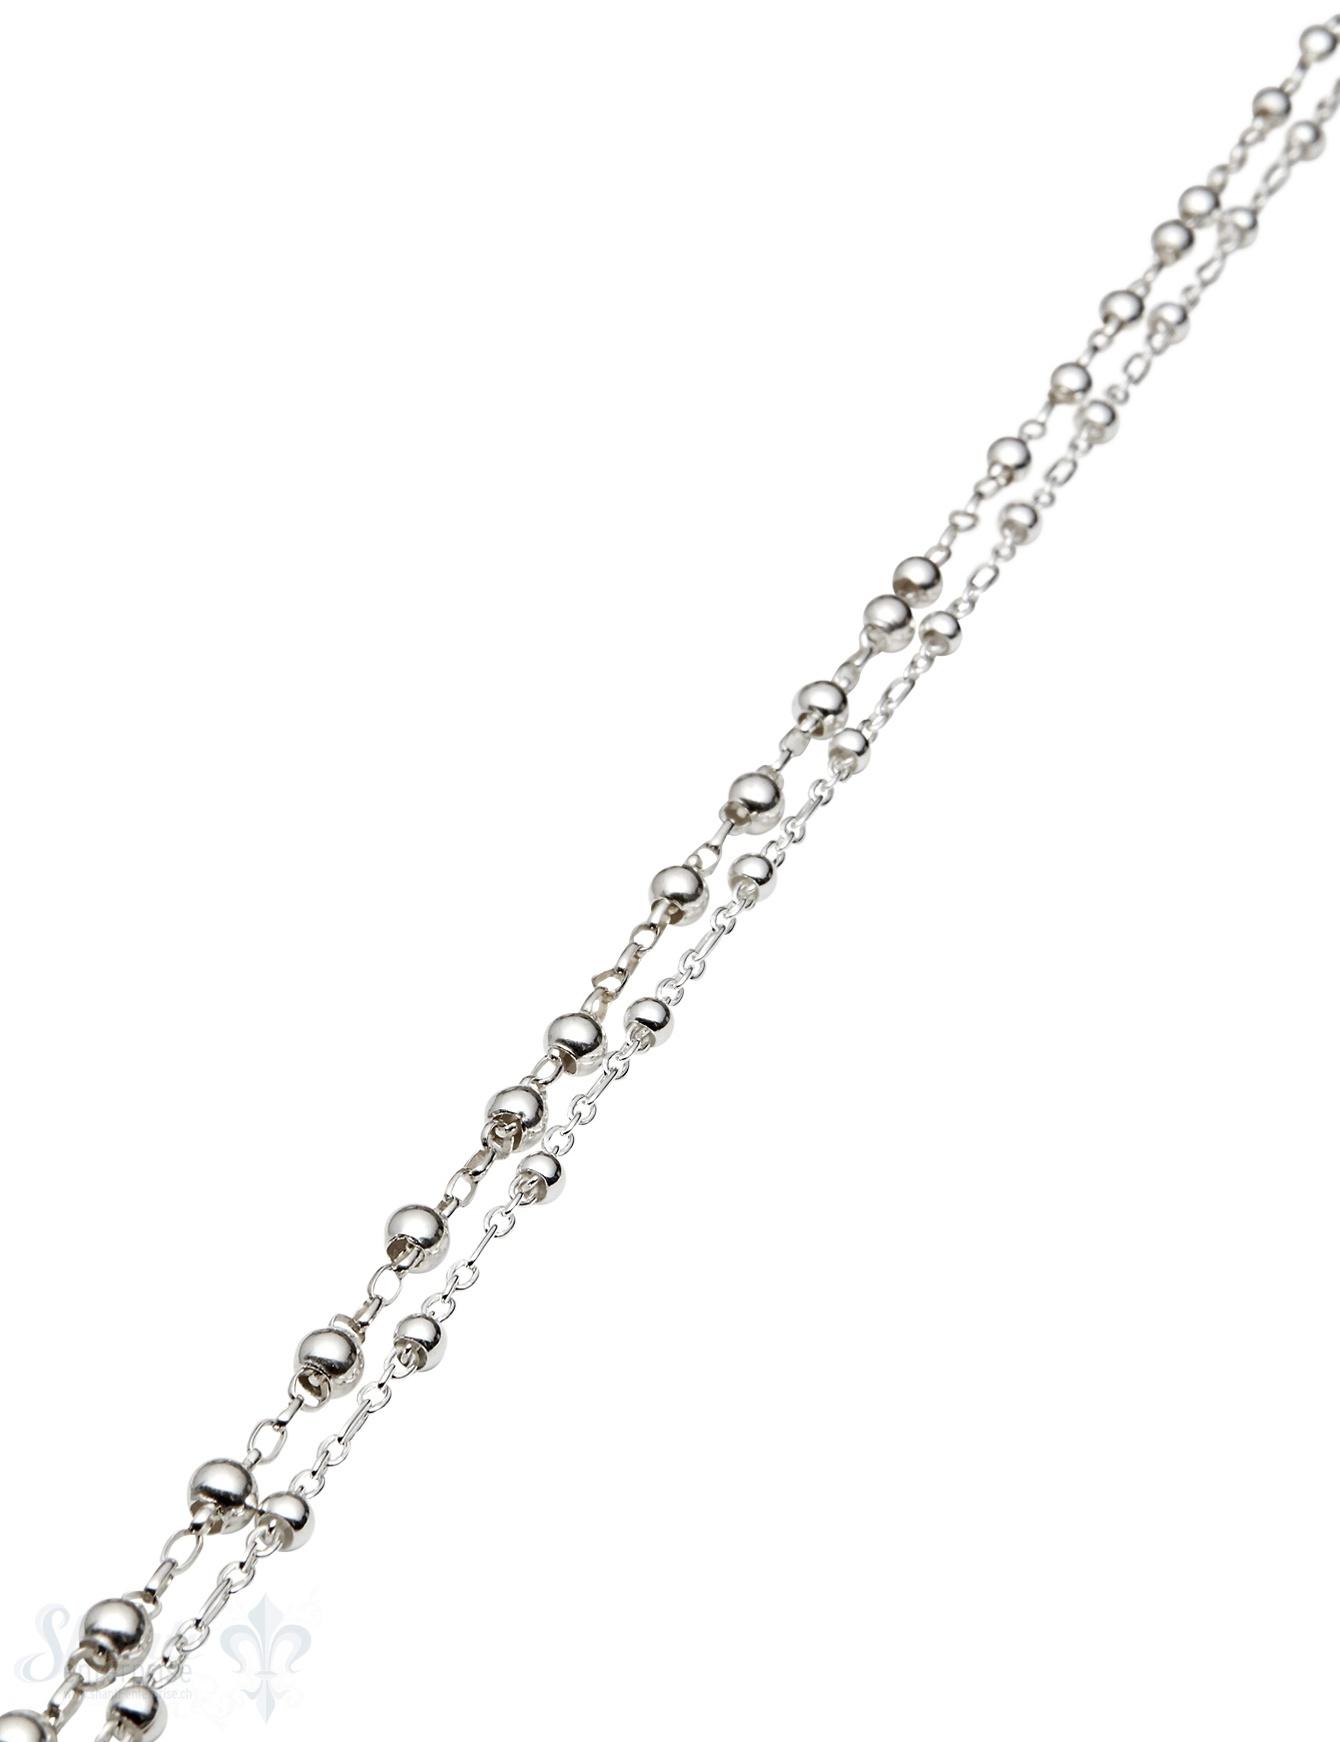 Silberkette: Kugel auf Kette unregelmässig Kugel können sich verschieben (Abschnittlänge wird angepasst) per cm